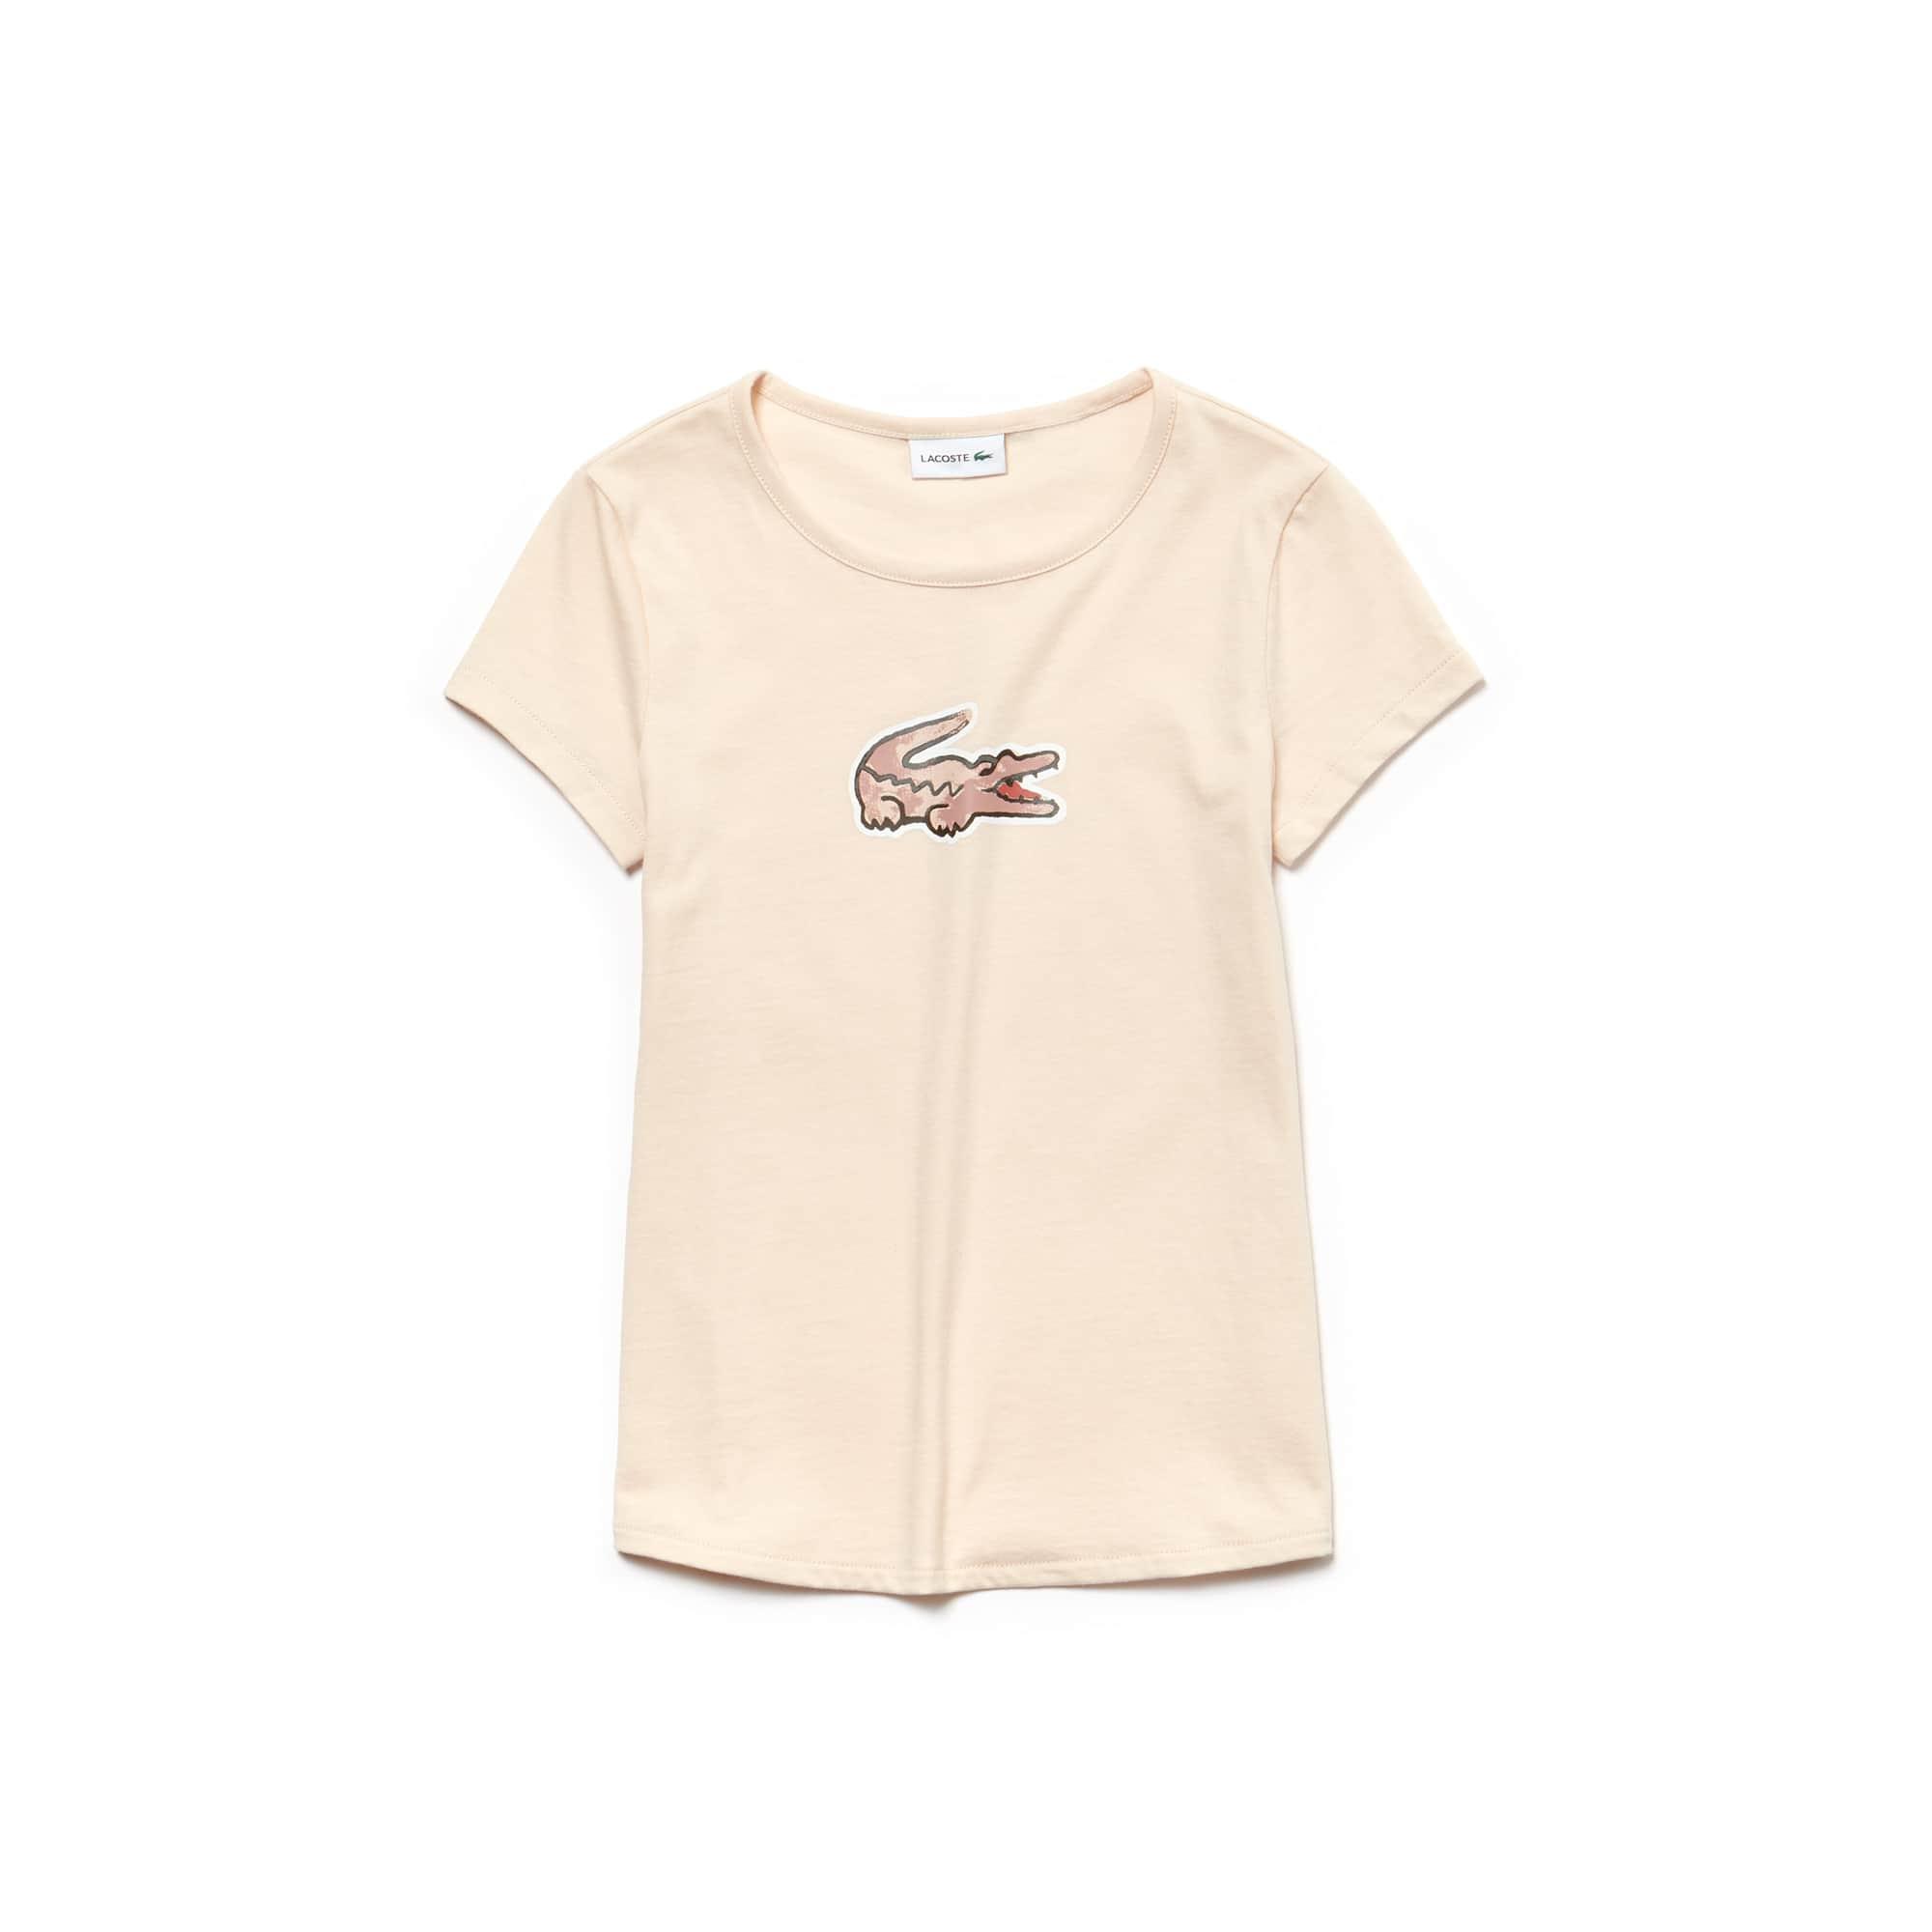 T-shirt Menina decote redondo em jersey com impressão crocodilo